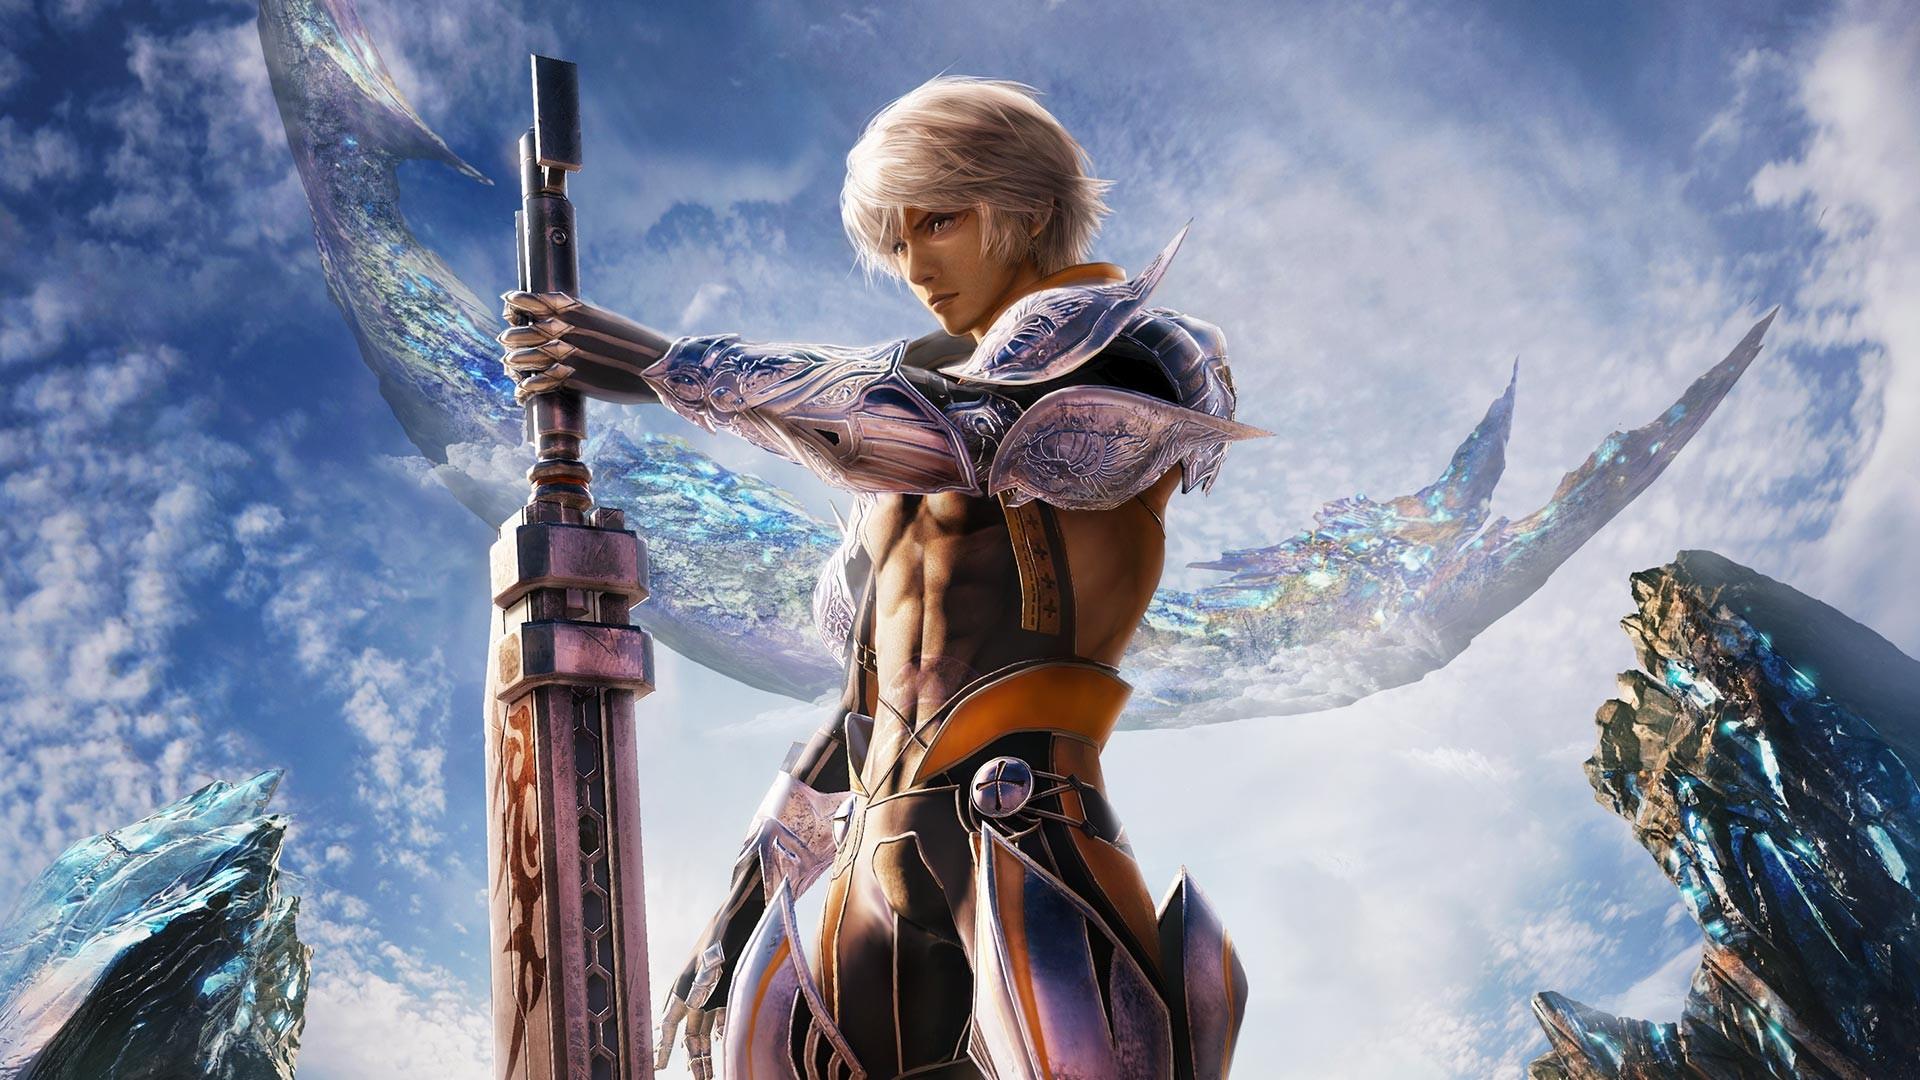 Unduh 720 Koleksi Final Fantasy Wallpaper Pictures Terbaik